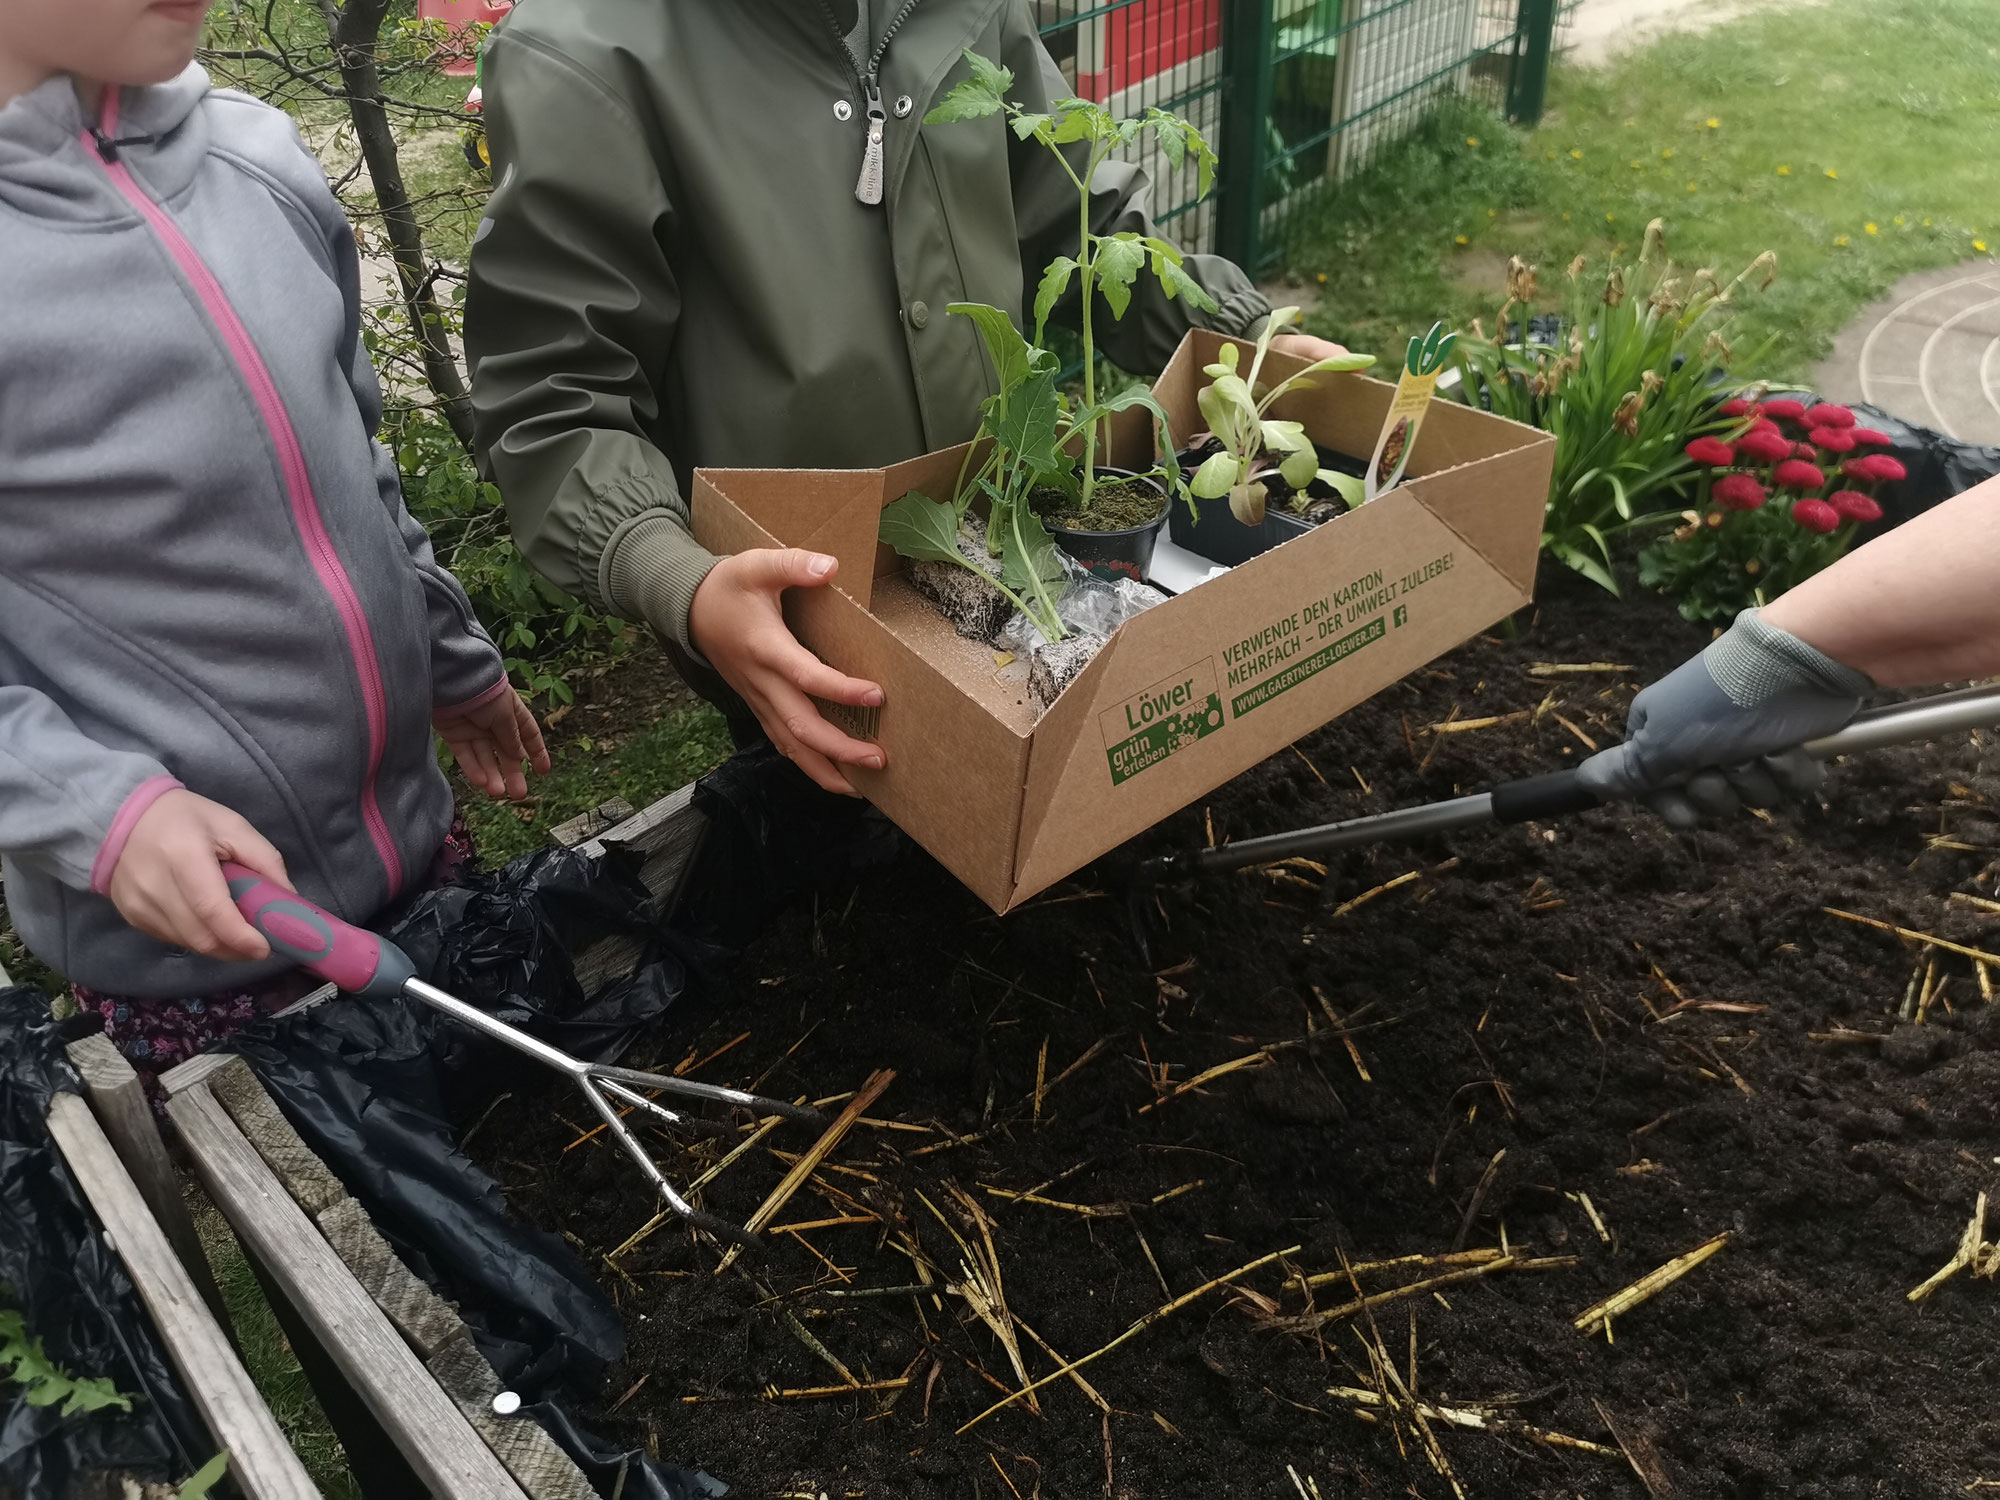 GartenAktion mit Unterstützung der Gärtnerei Löwer